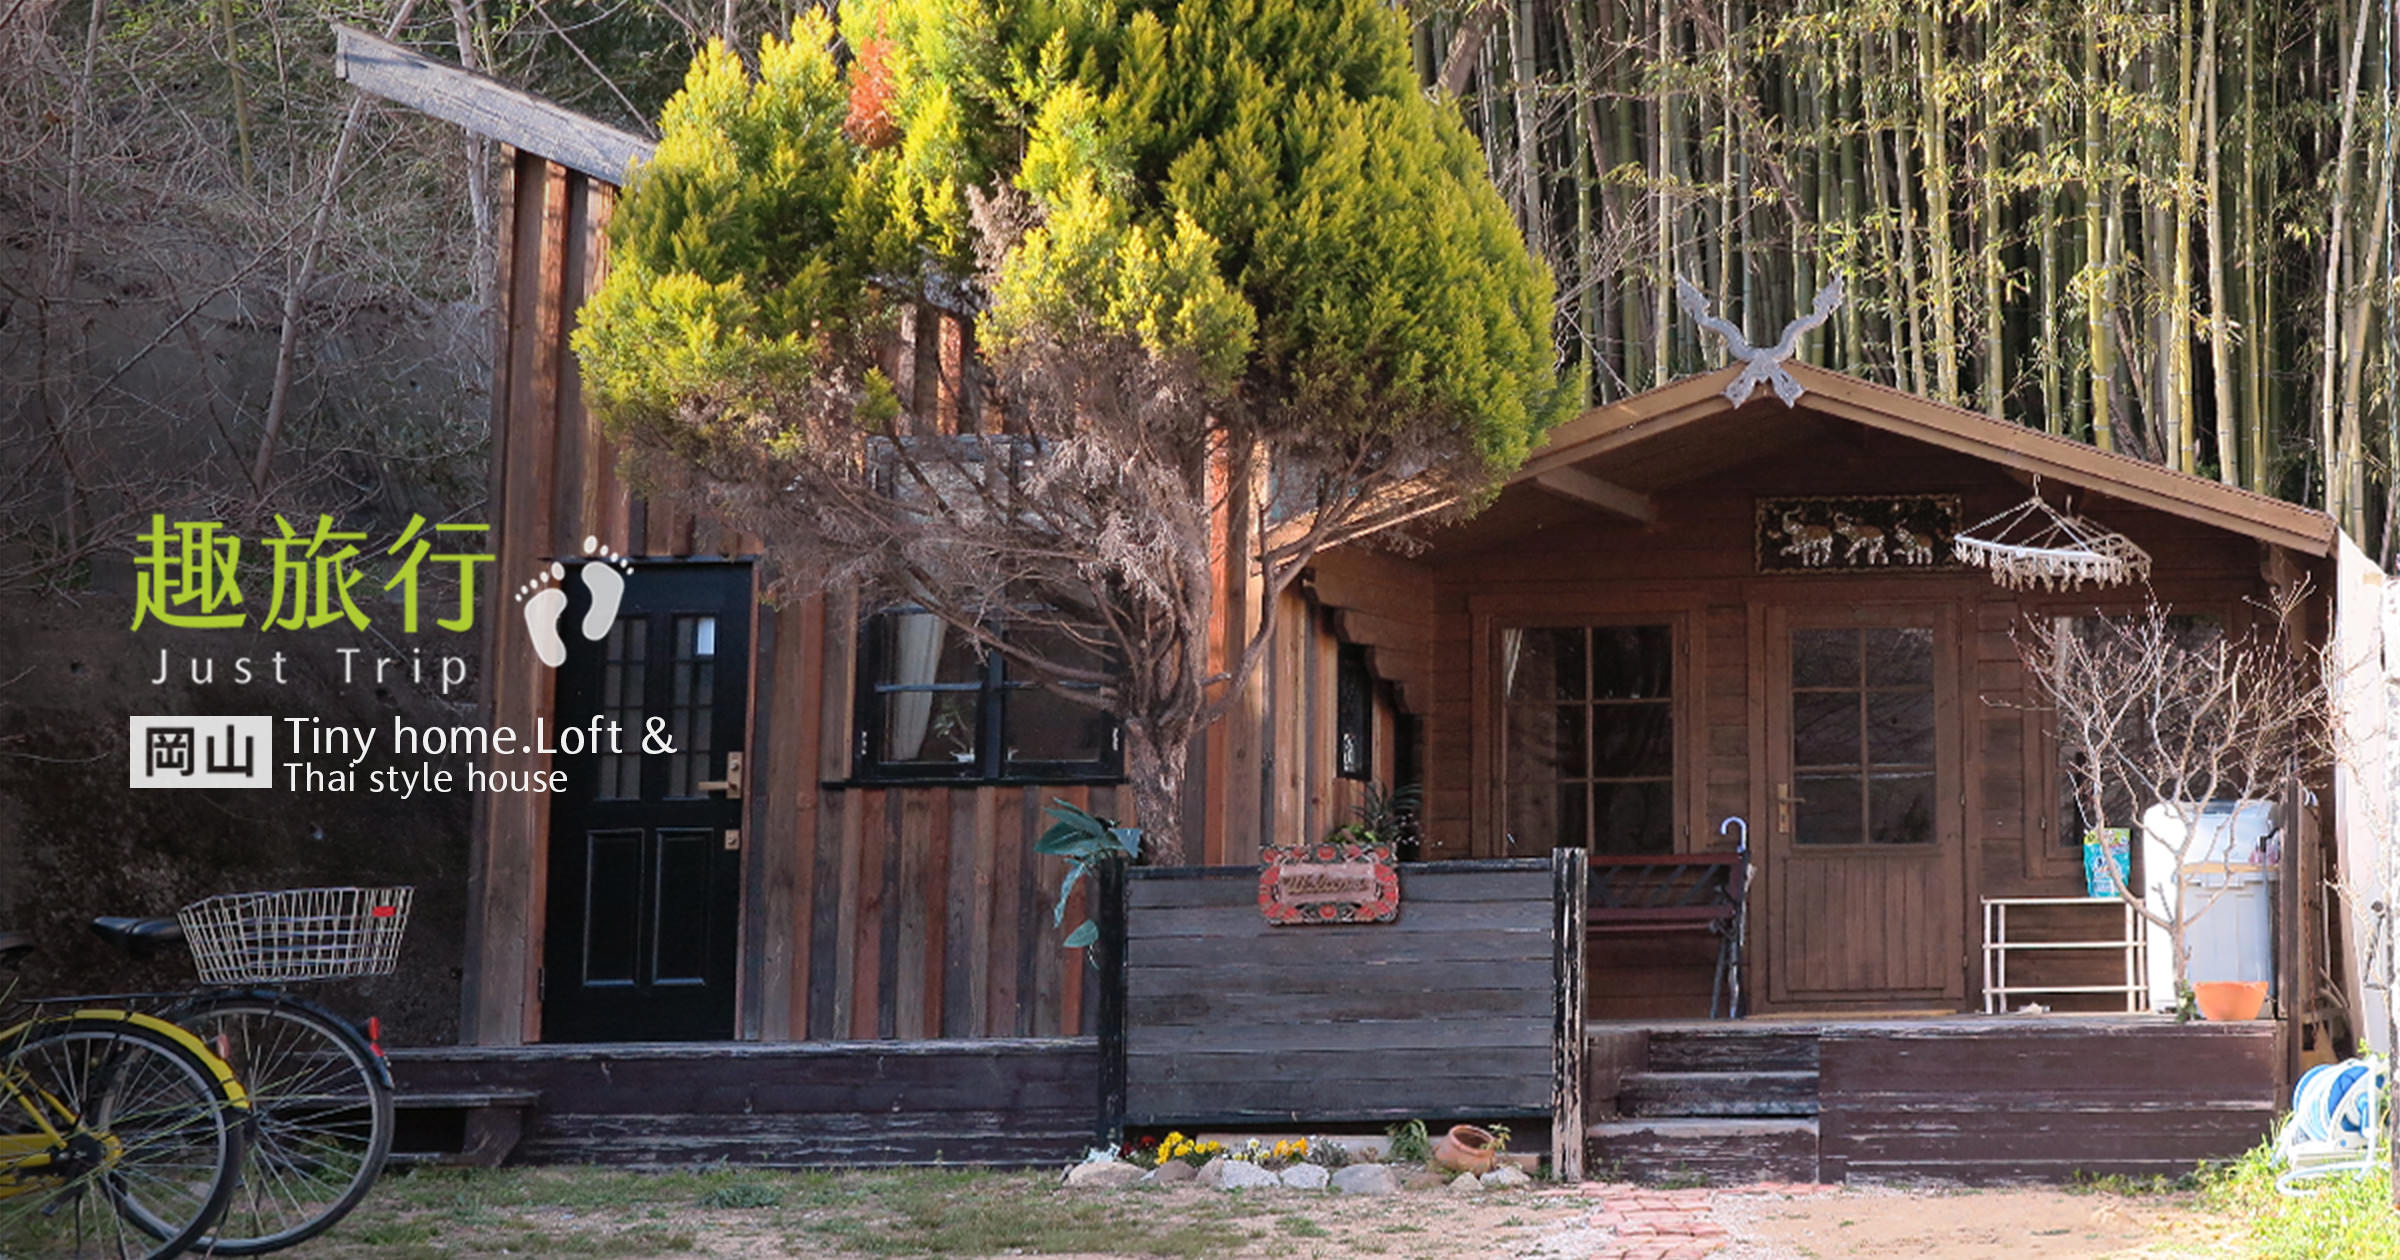 岡山市 Airbnb 岡山Airbnb 小木屋 山陰地區 岡山機場住宿